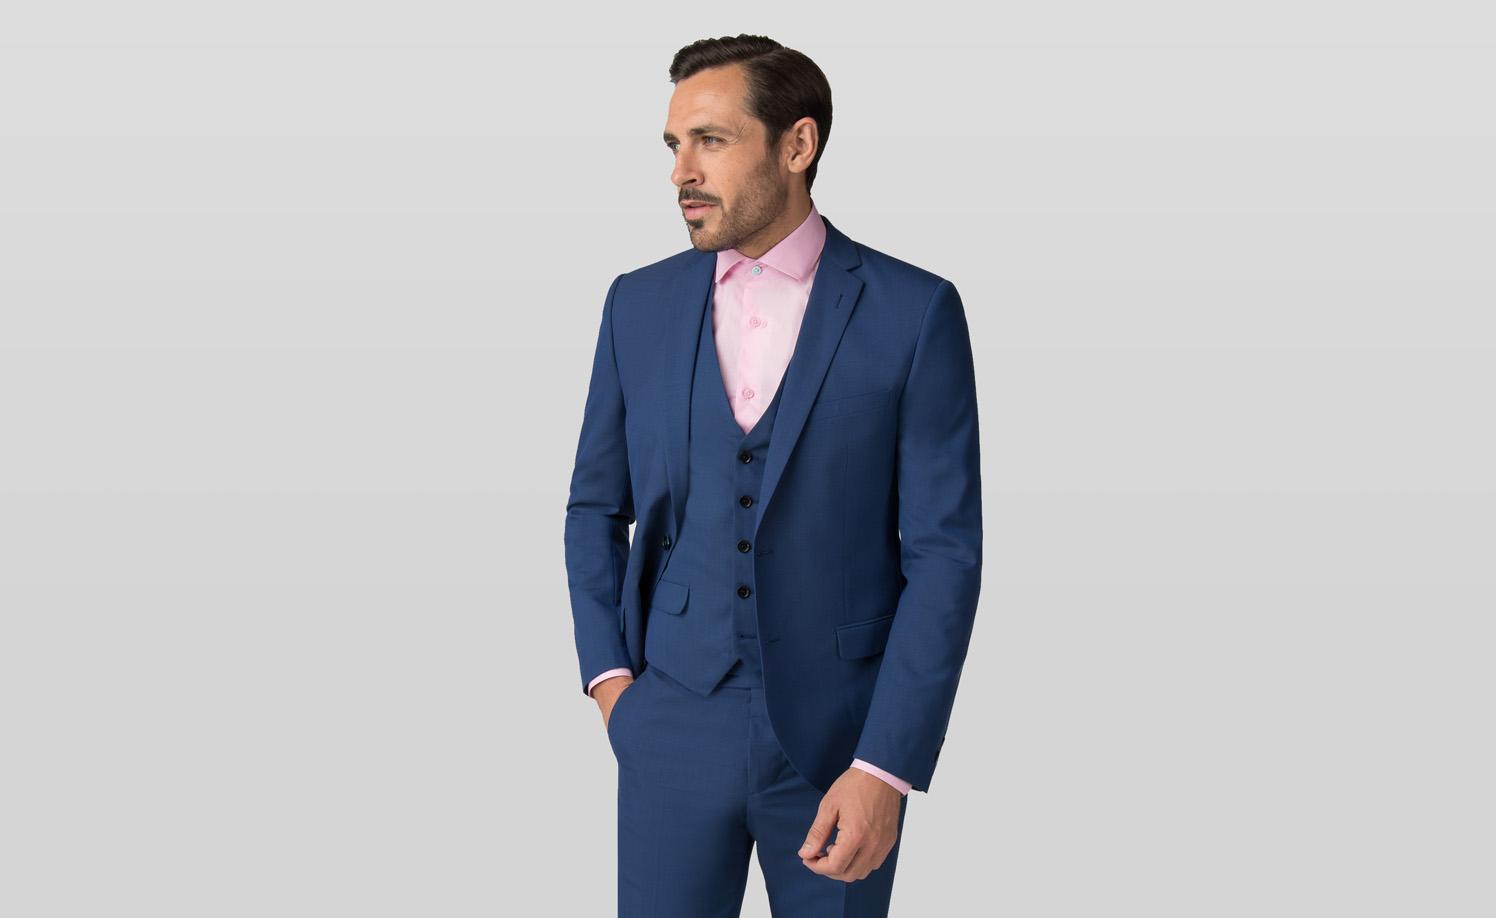 Suave Suits